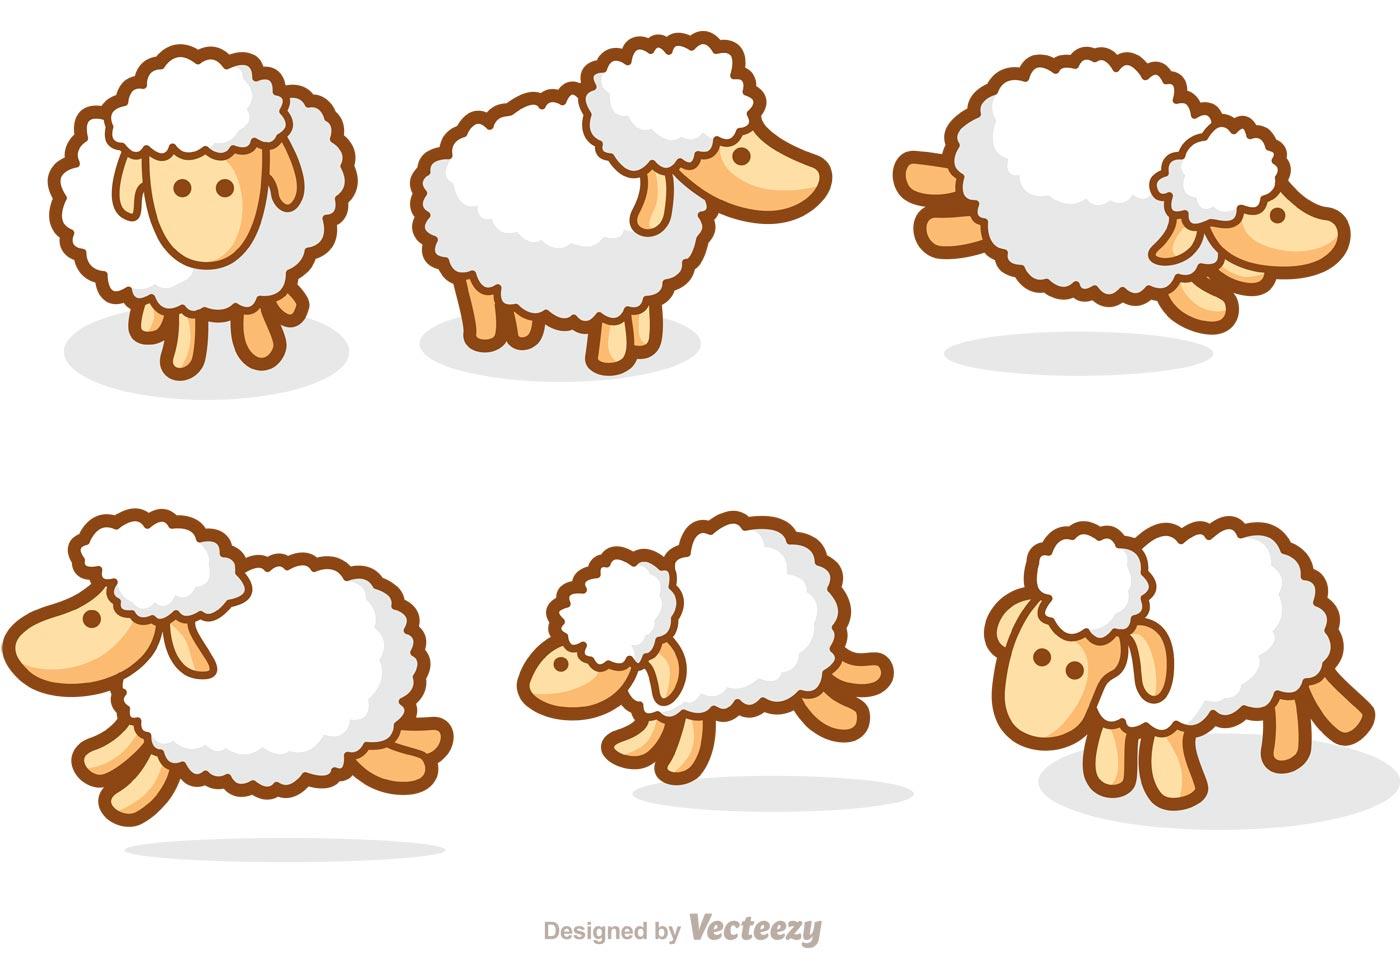 Cute Sheep Vectors - Download Free Vectors, Clipart ...